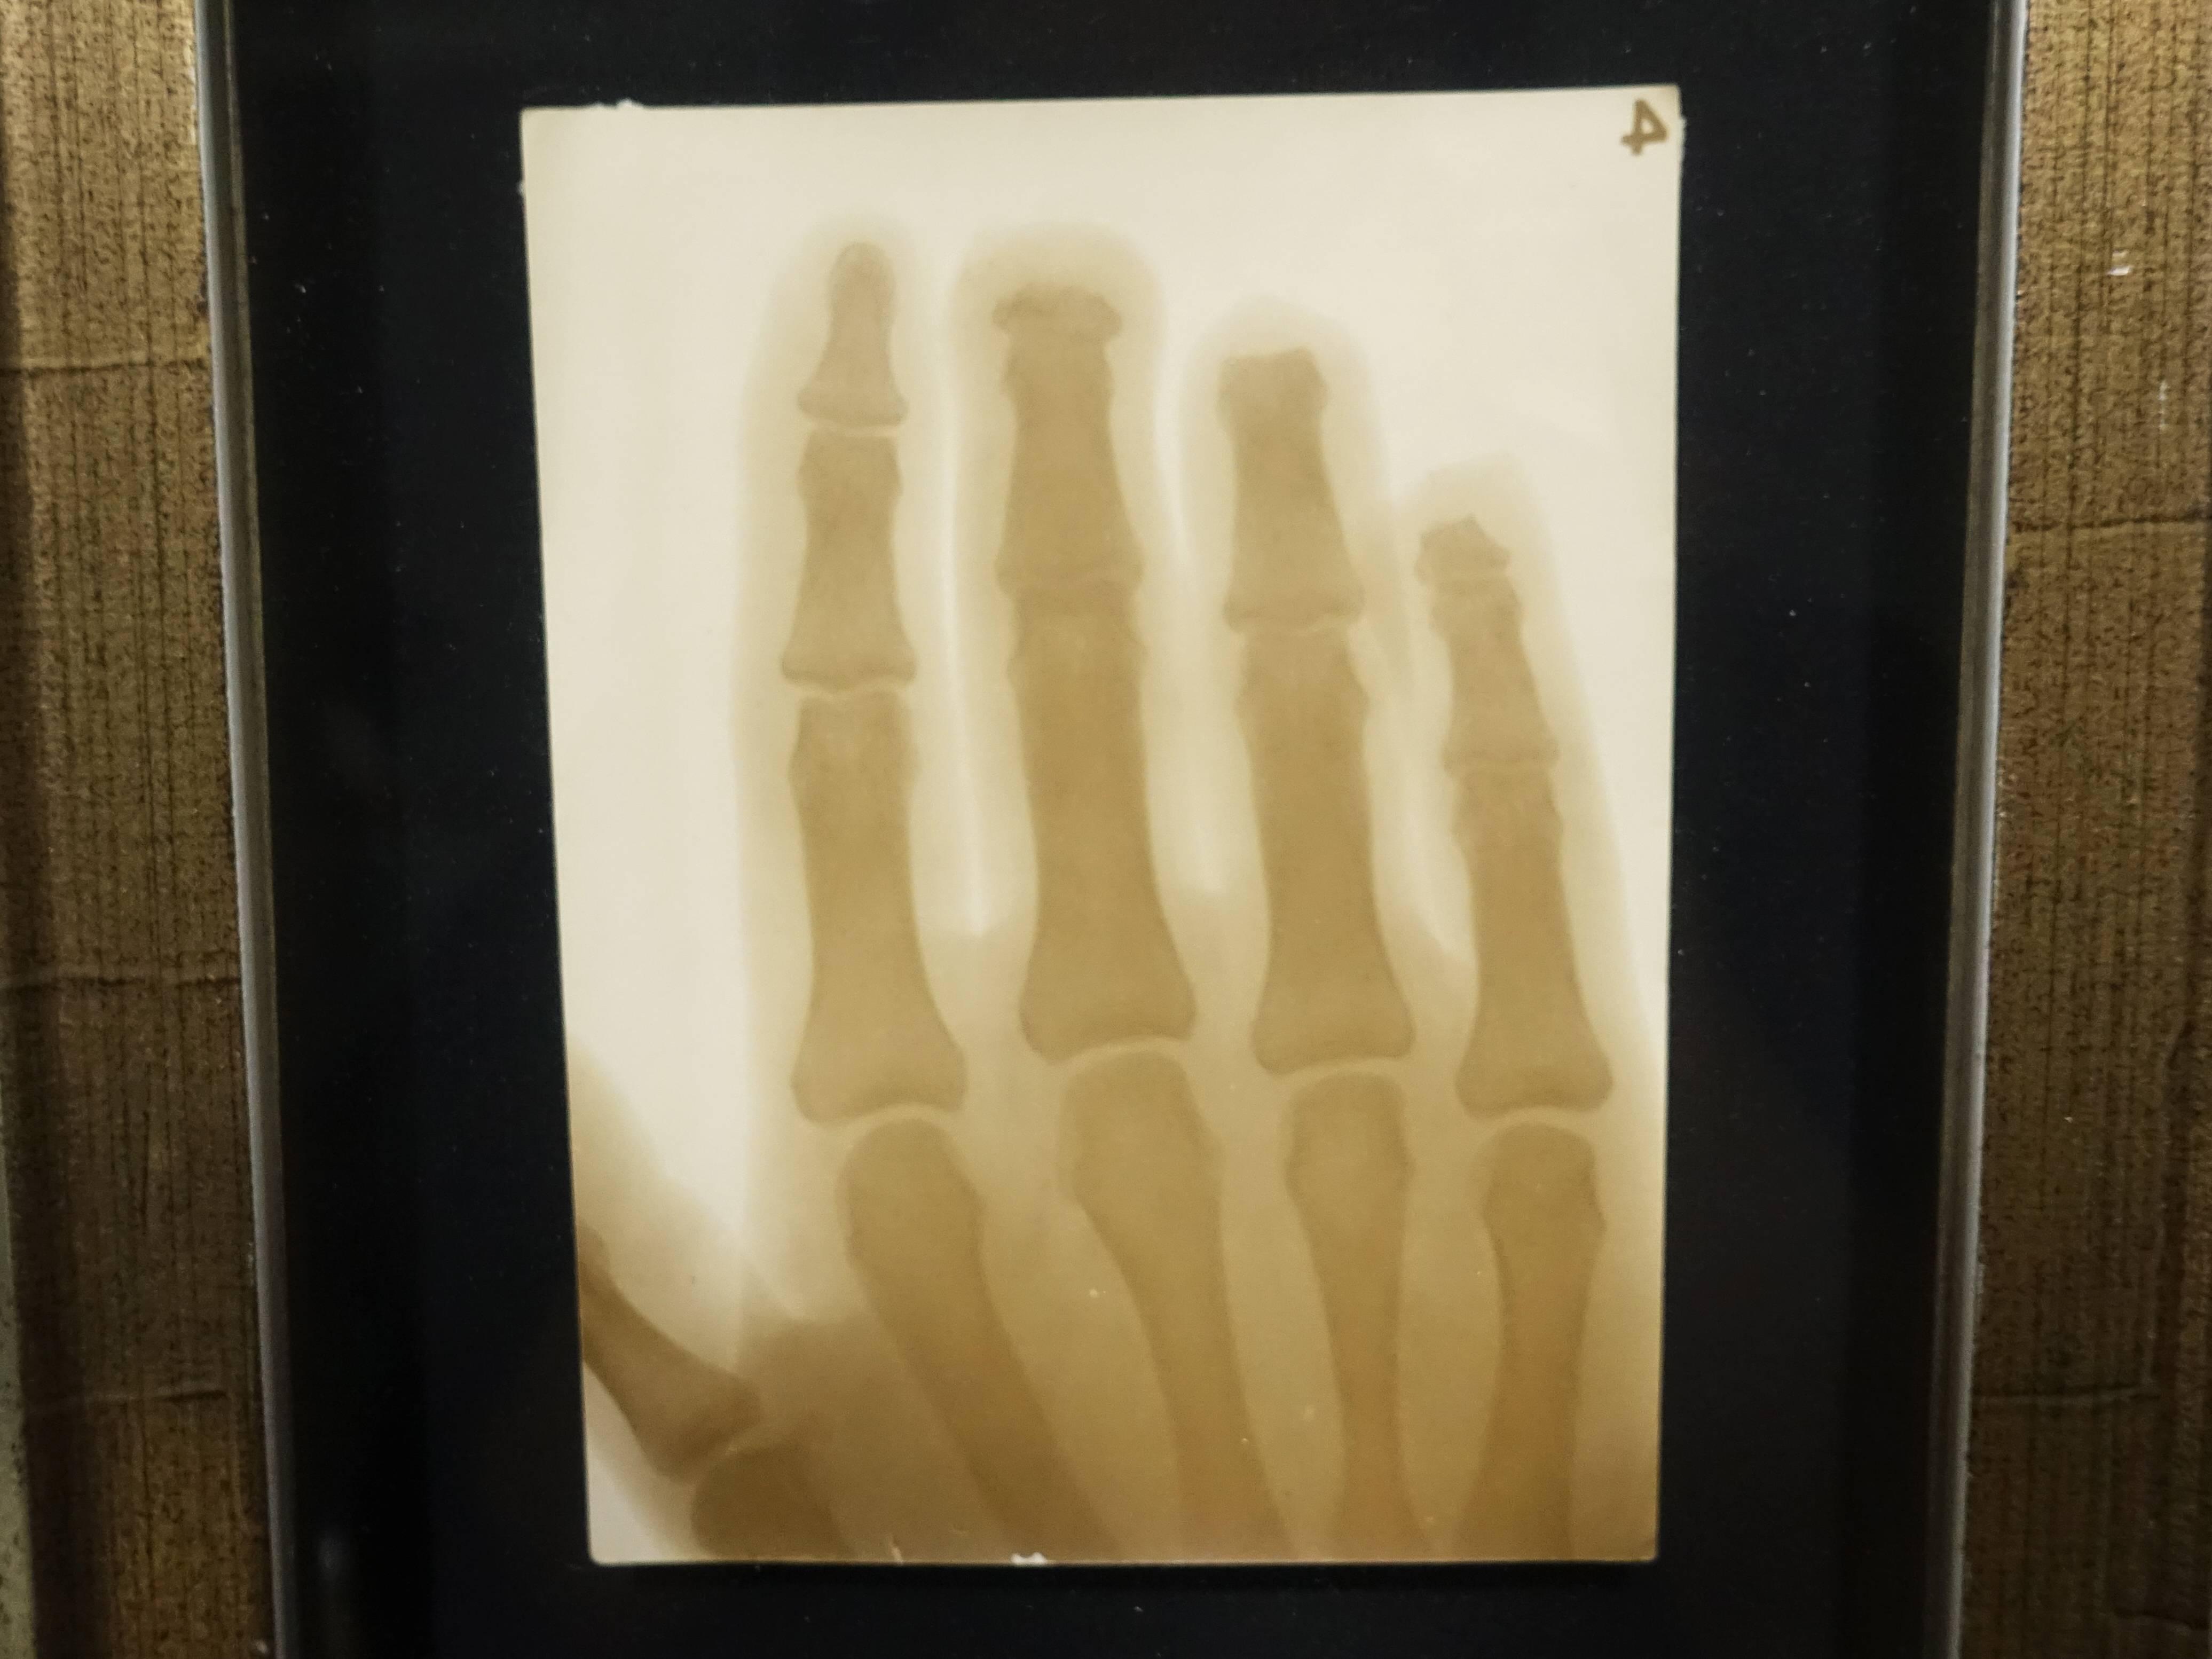 彭瑞麟,《彭瑞麟在東京寫專時以X光拍攝鐵工廠工人的手》細節,38x28 cm,X光攝影,1930。